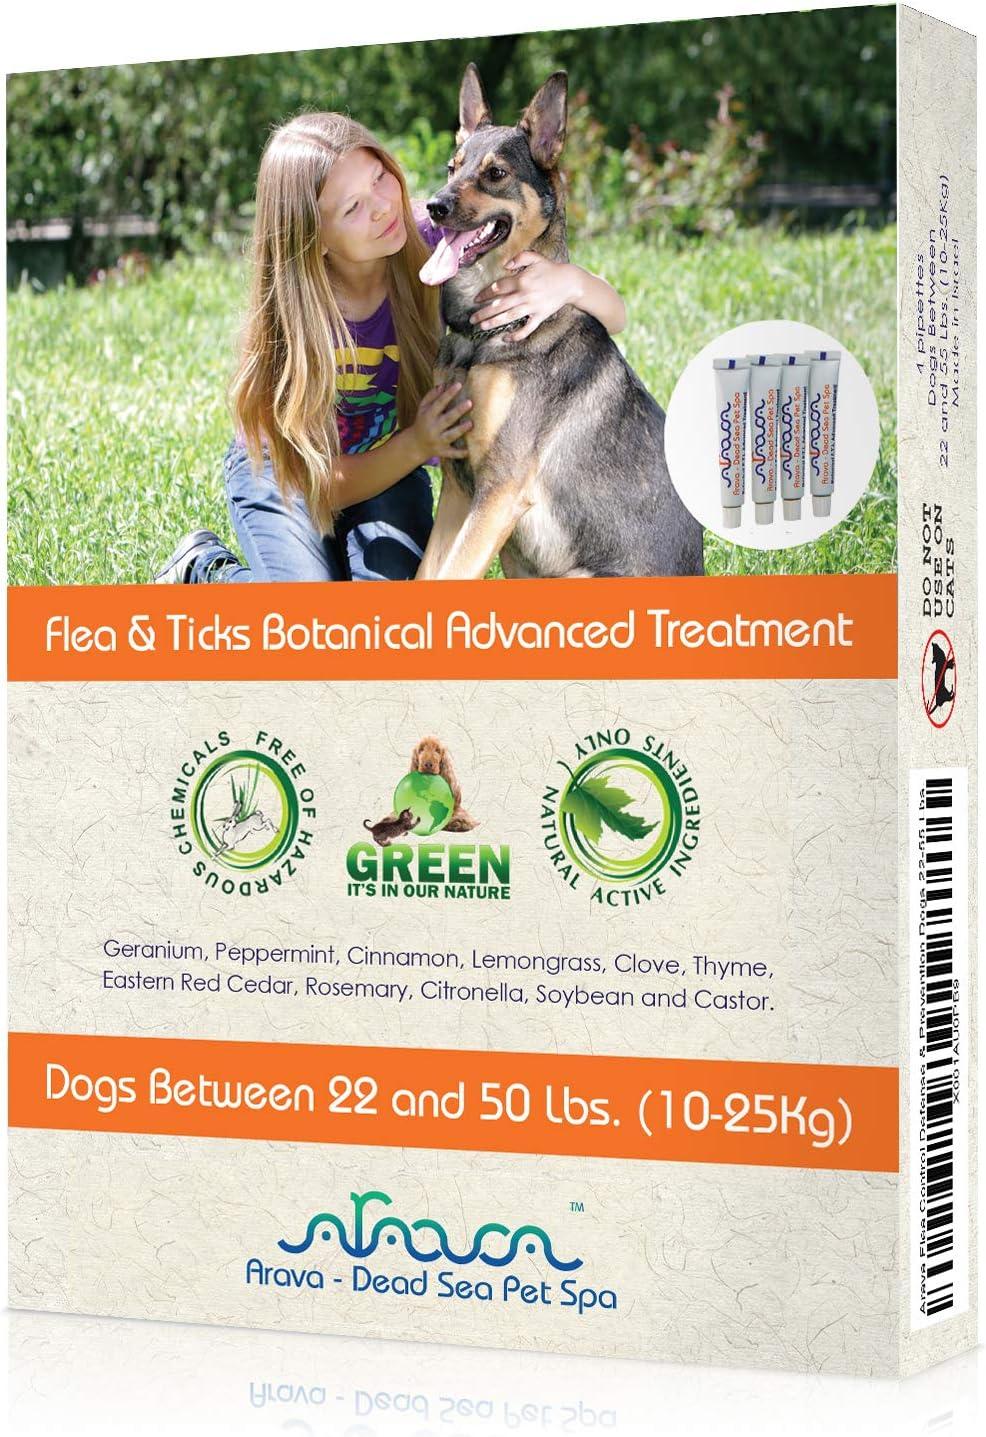 Terra Pet 100% Natural Flea and Tick